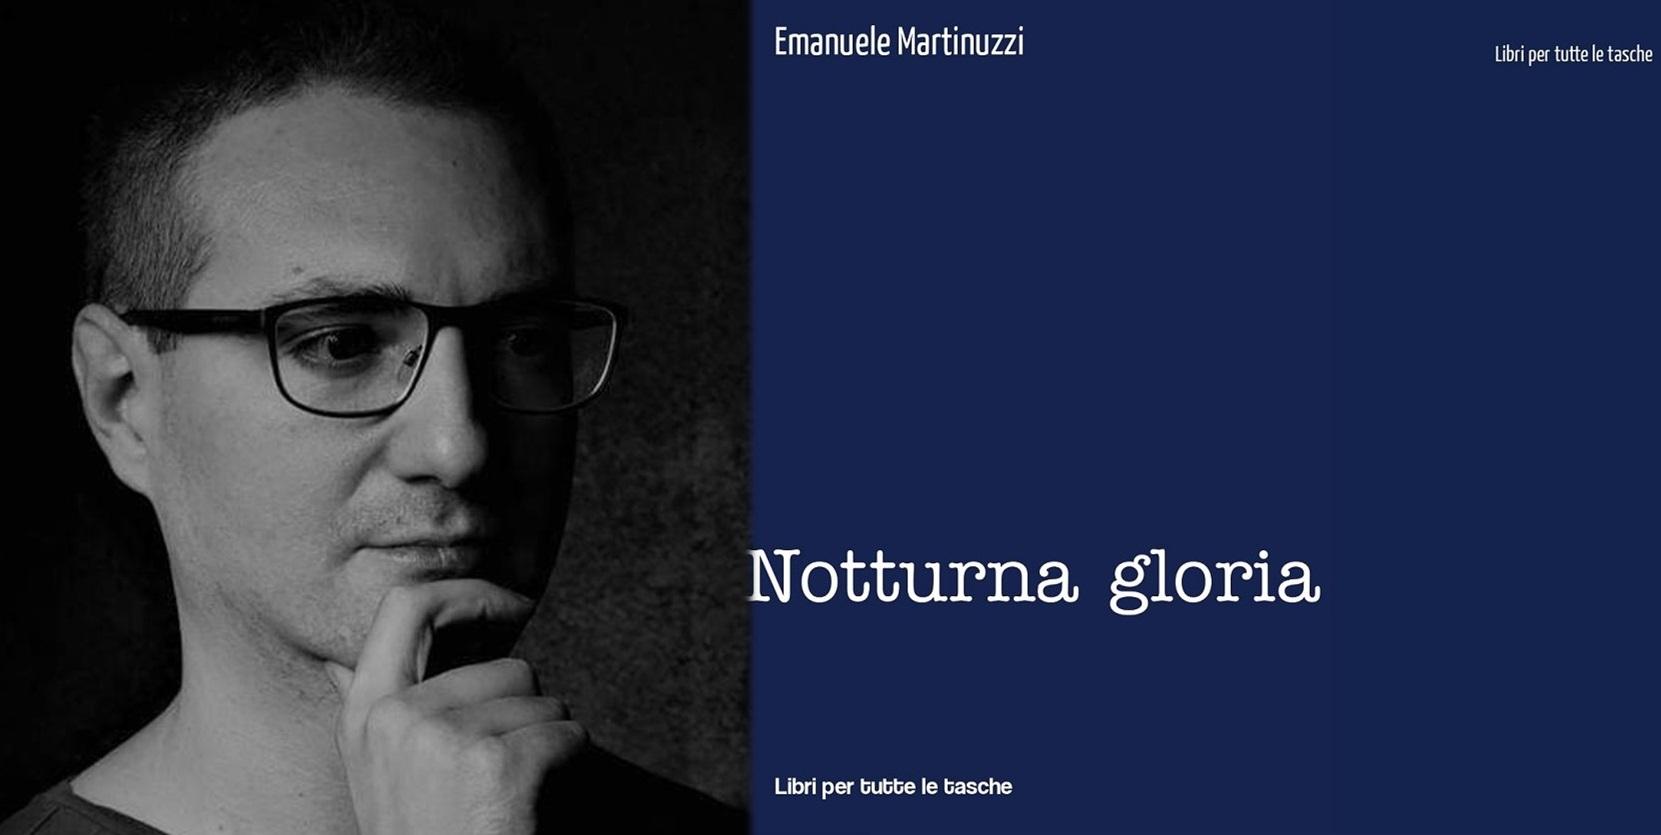 Emanuele Martinuzzi – Notturna gloria